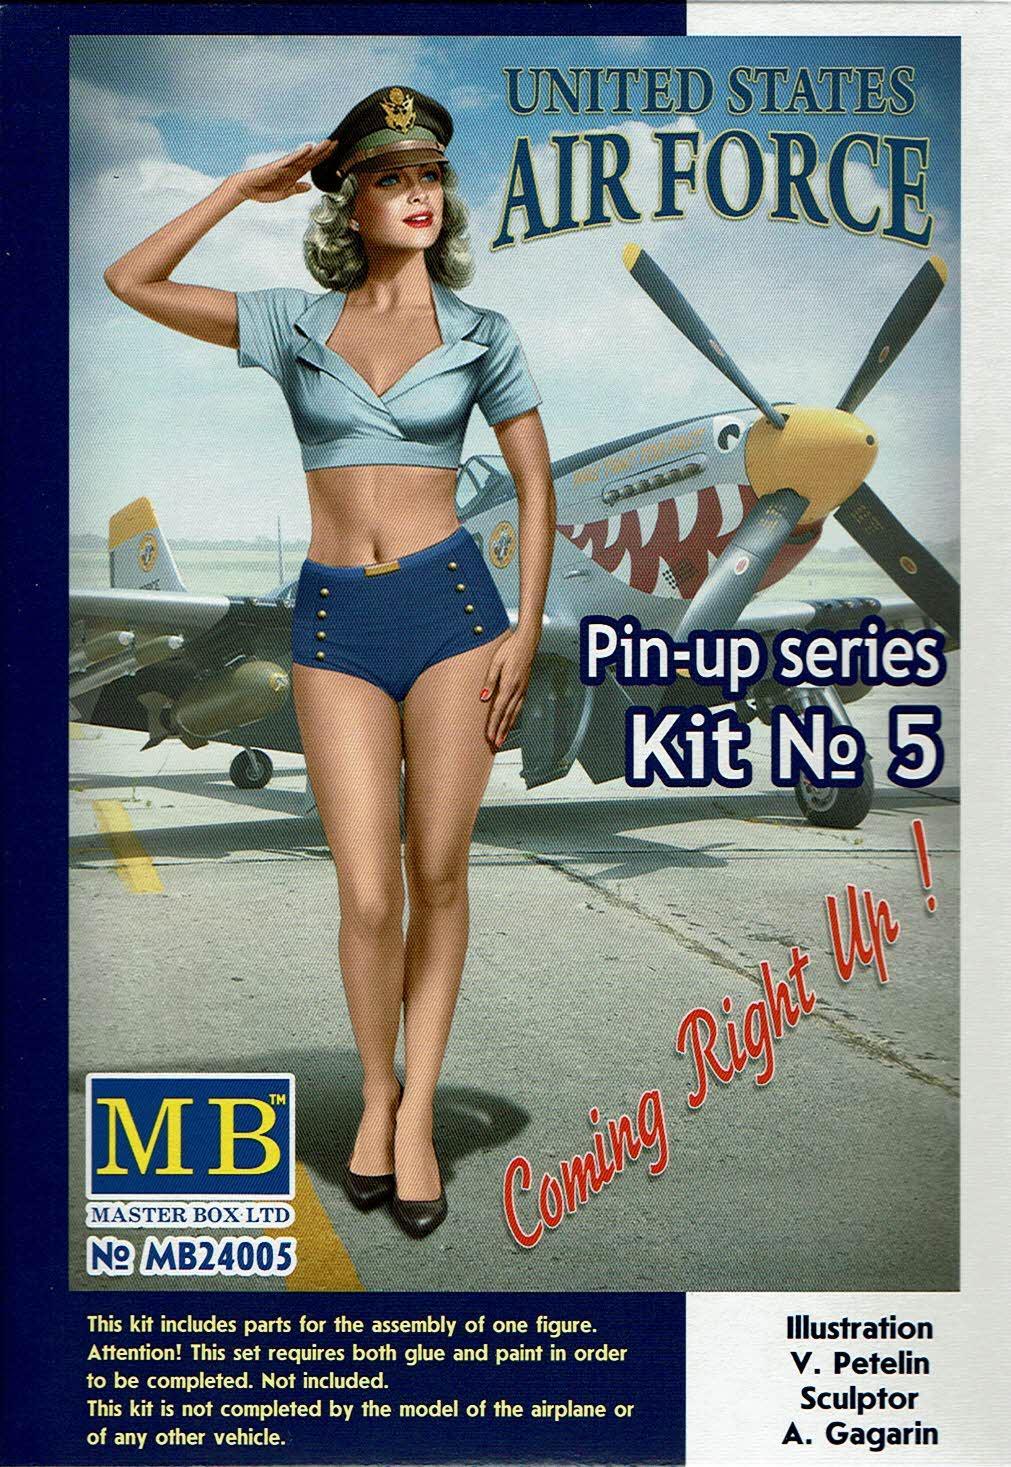 1/24 Patty U.S. Air Force Pin Up series kit nº 5